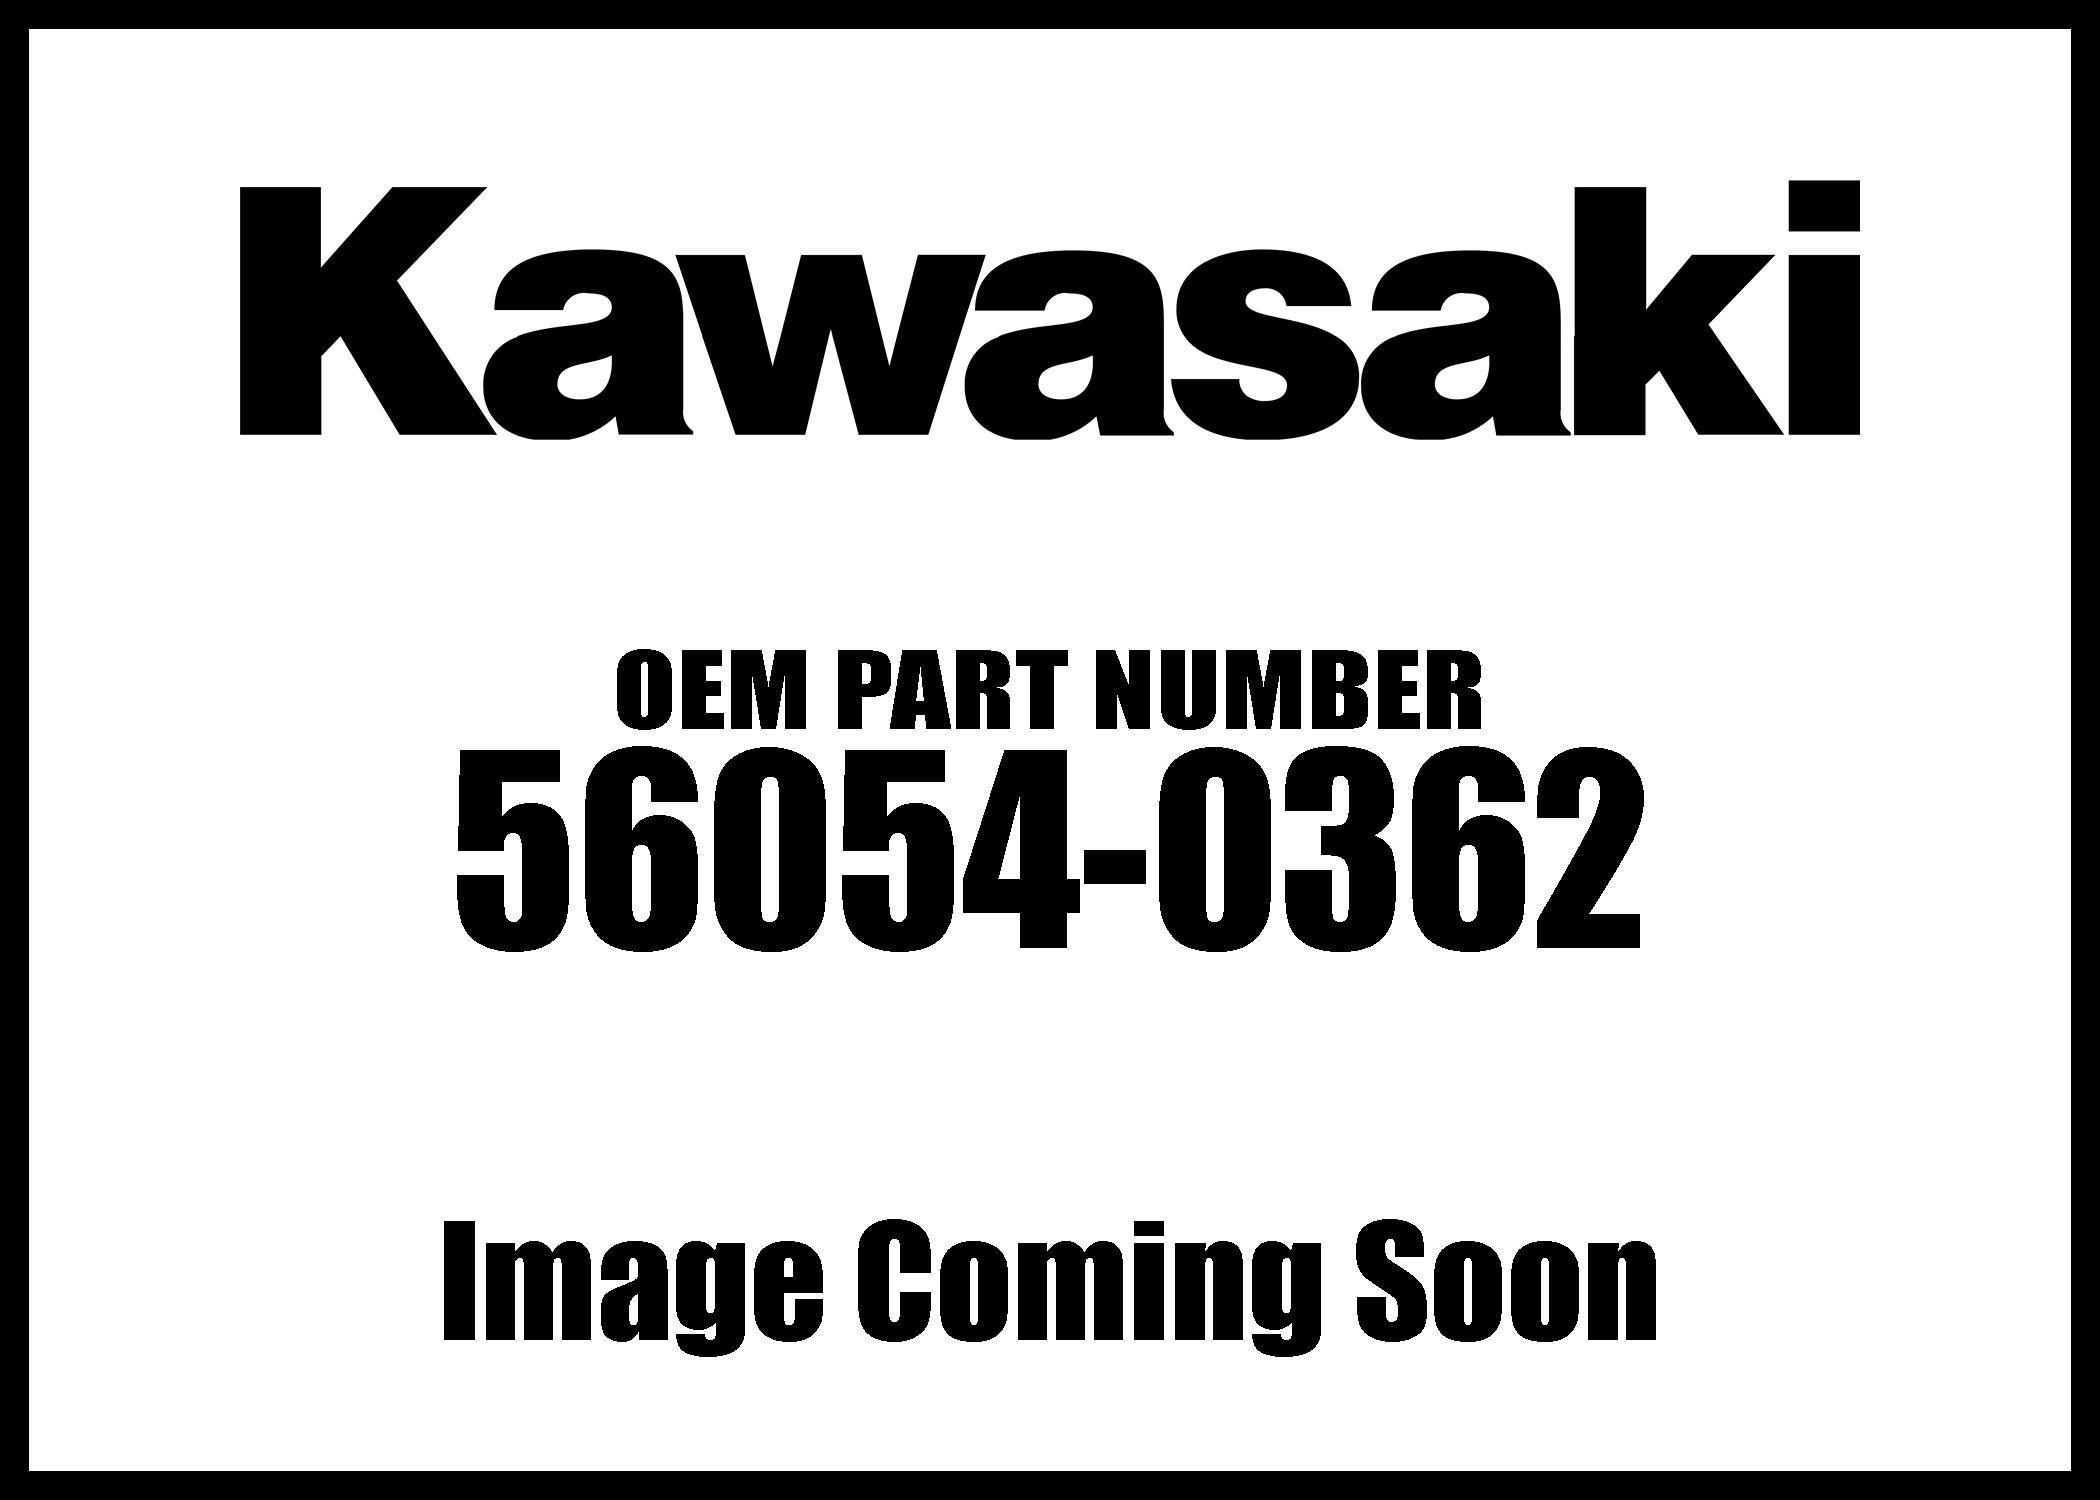 Kawasaki 2009 Teryx 750 Fi 4X4 Sport Tail Gate Cover Mark 56054-0362 New Oem